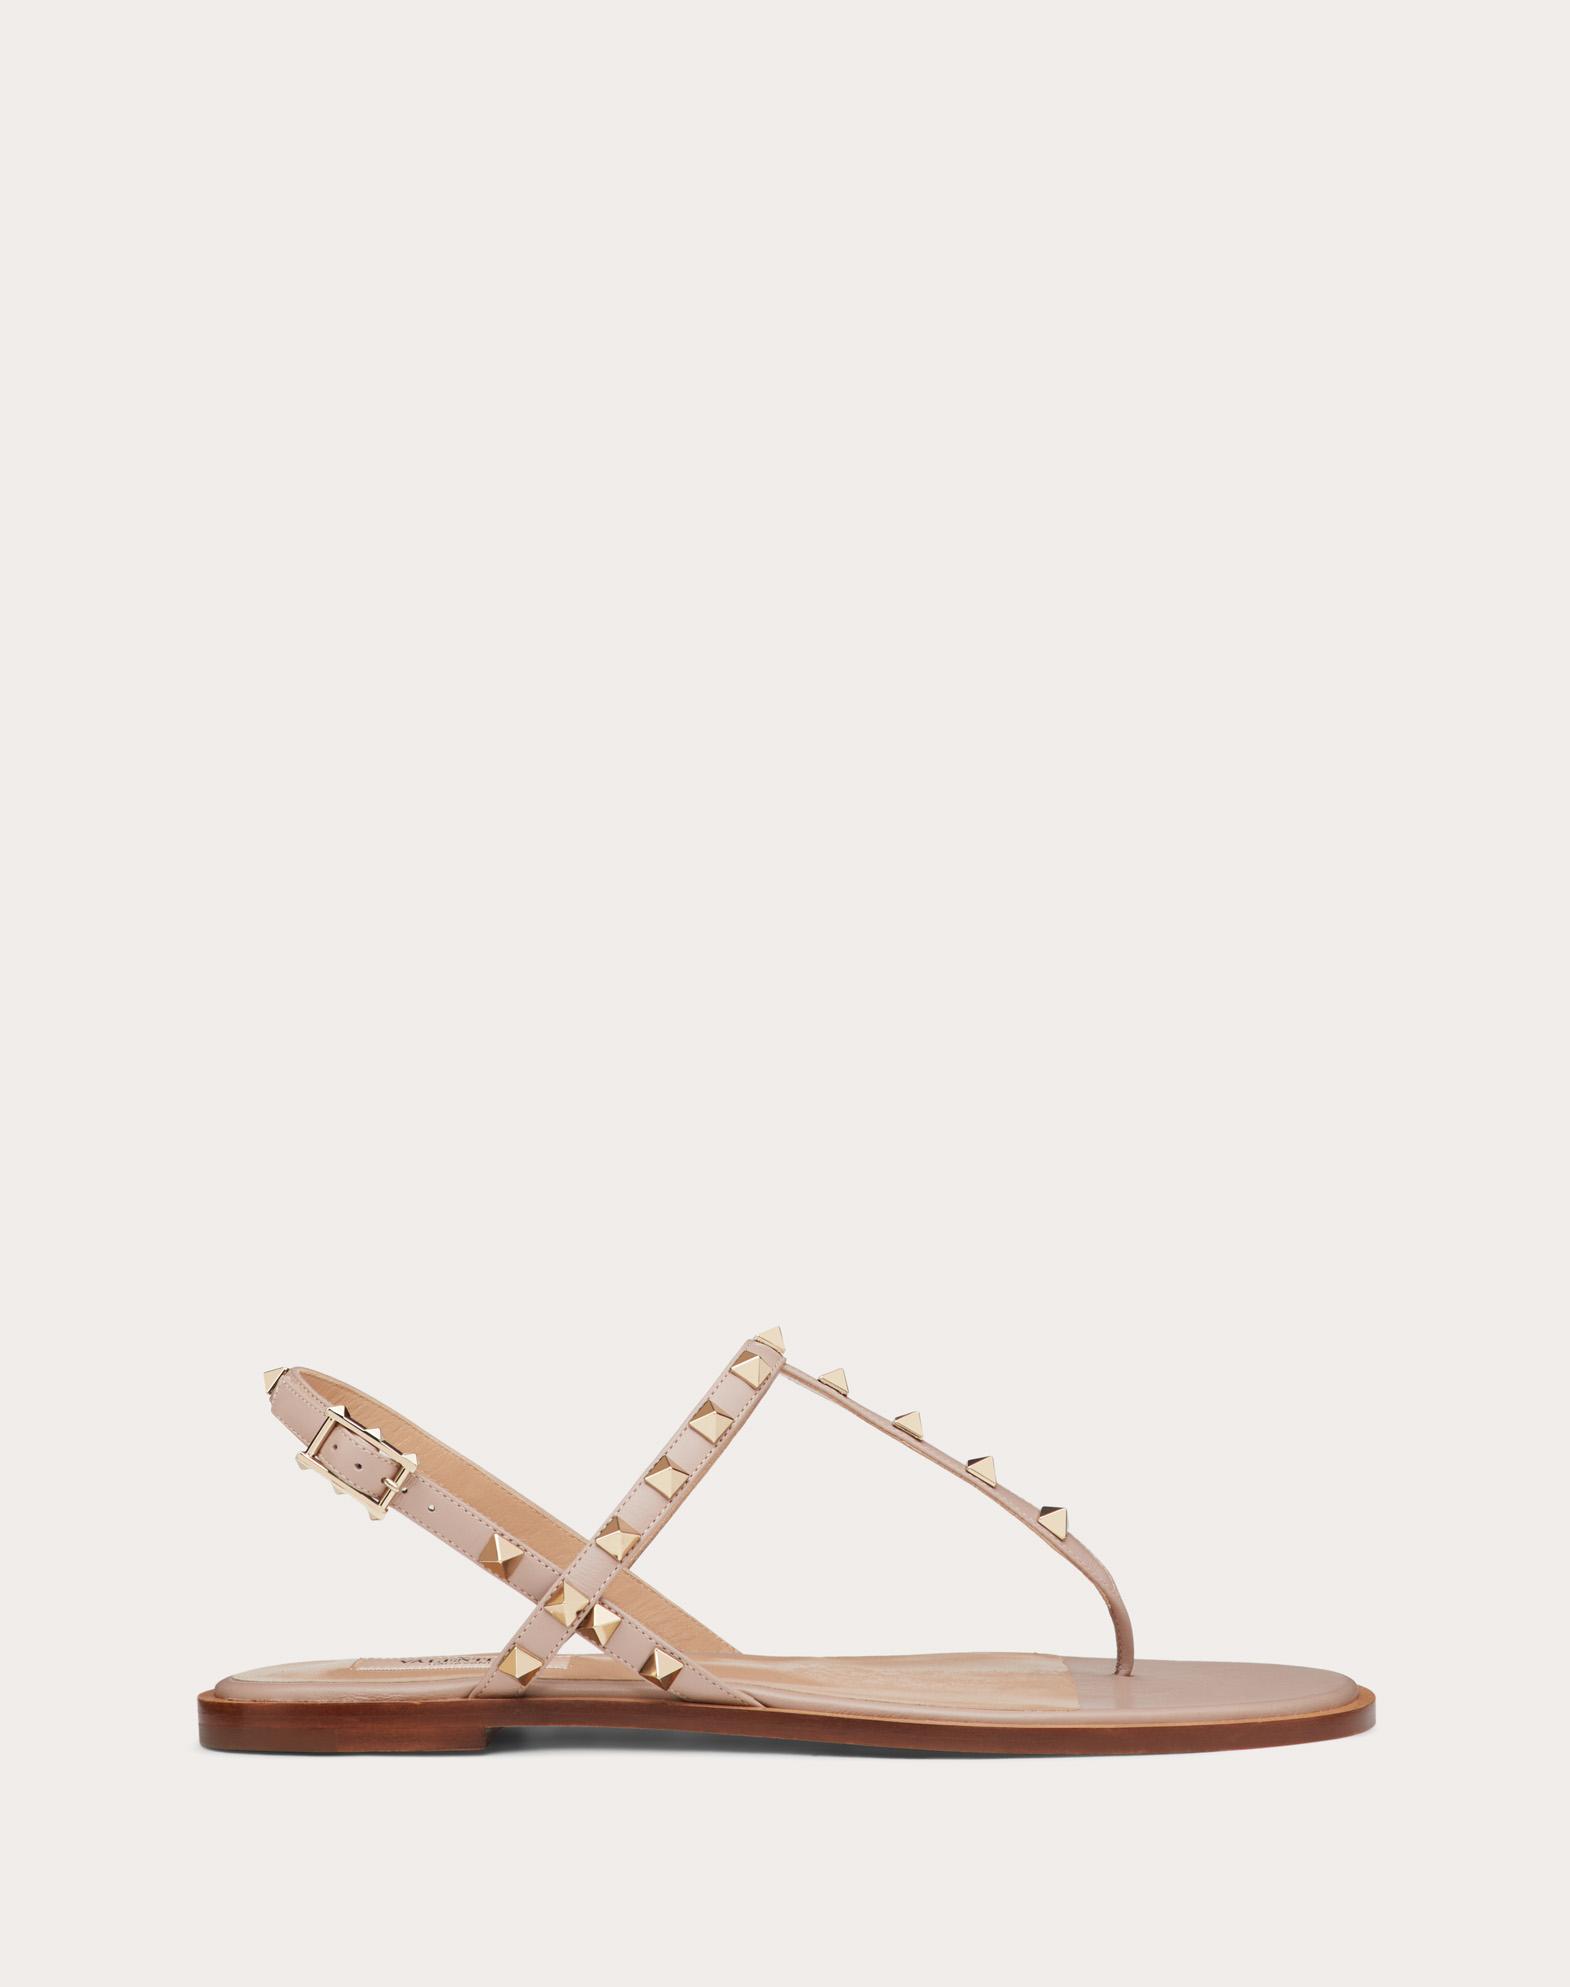 Sandales basses à entre-doigts Rockstud en veau